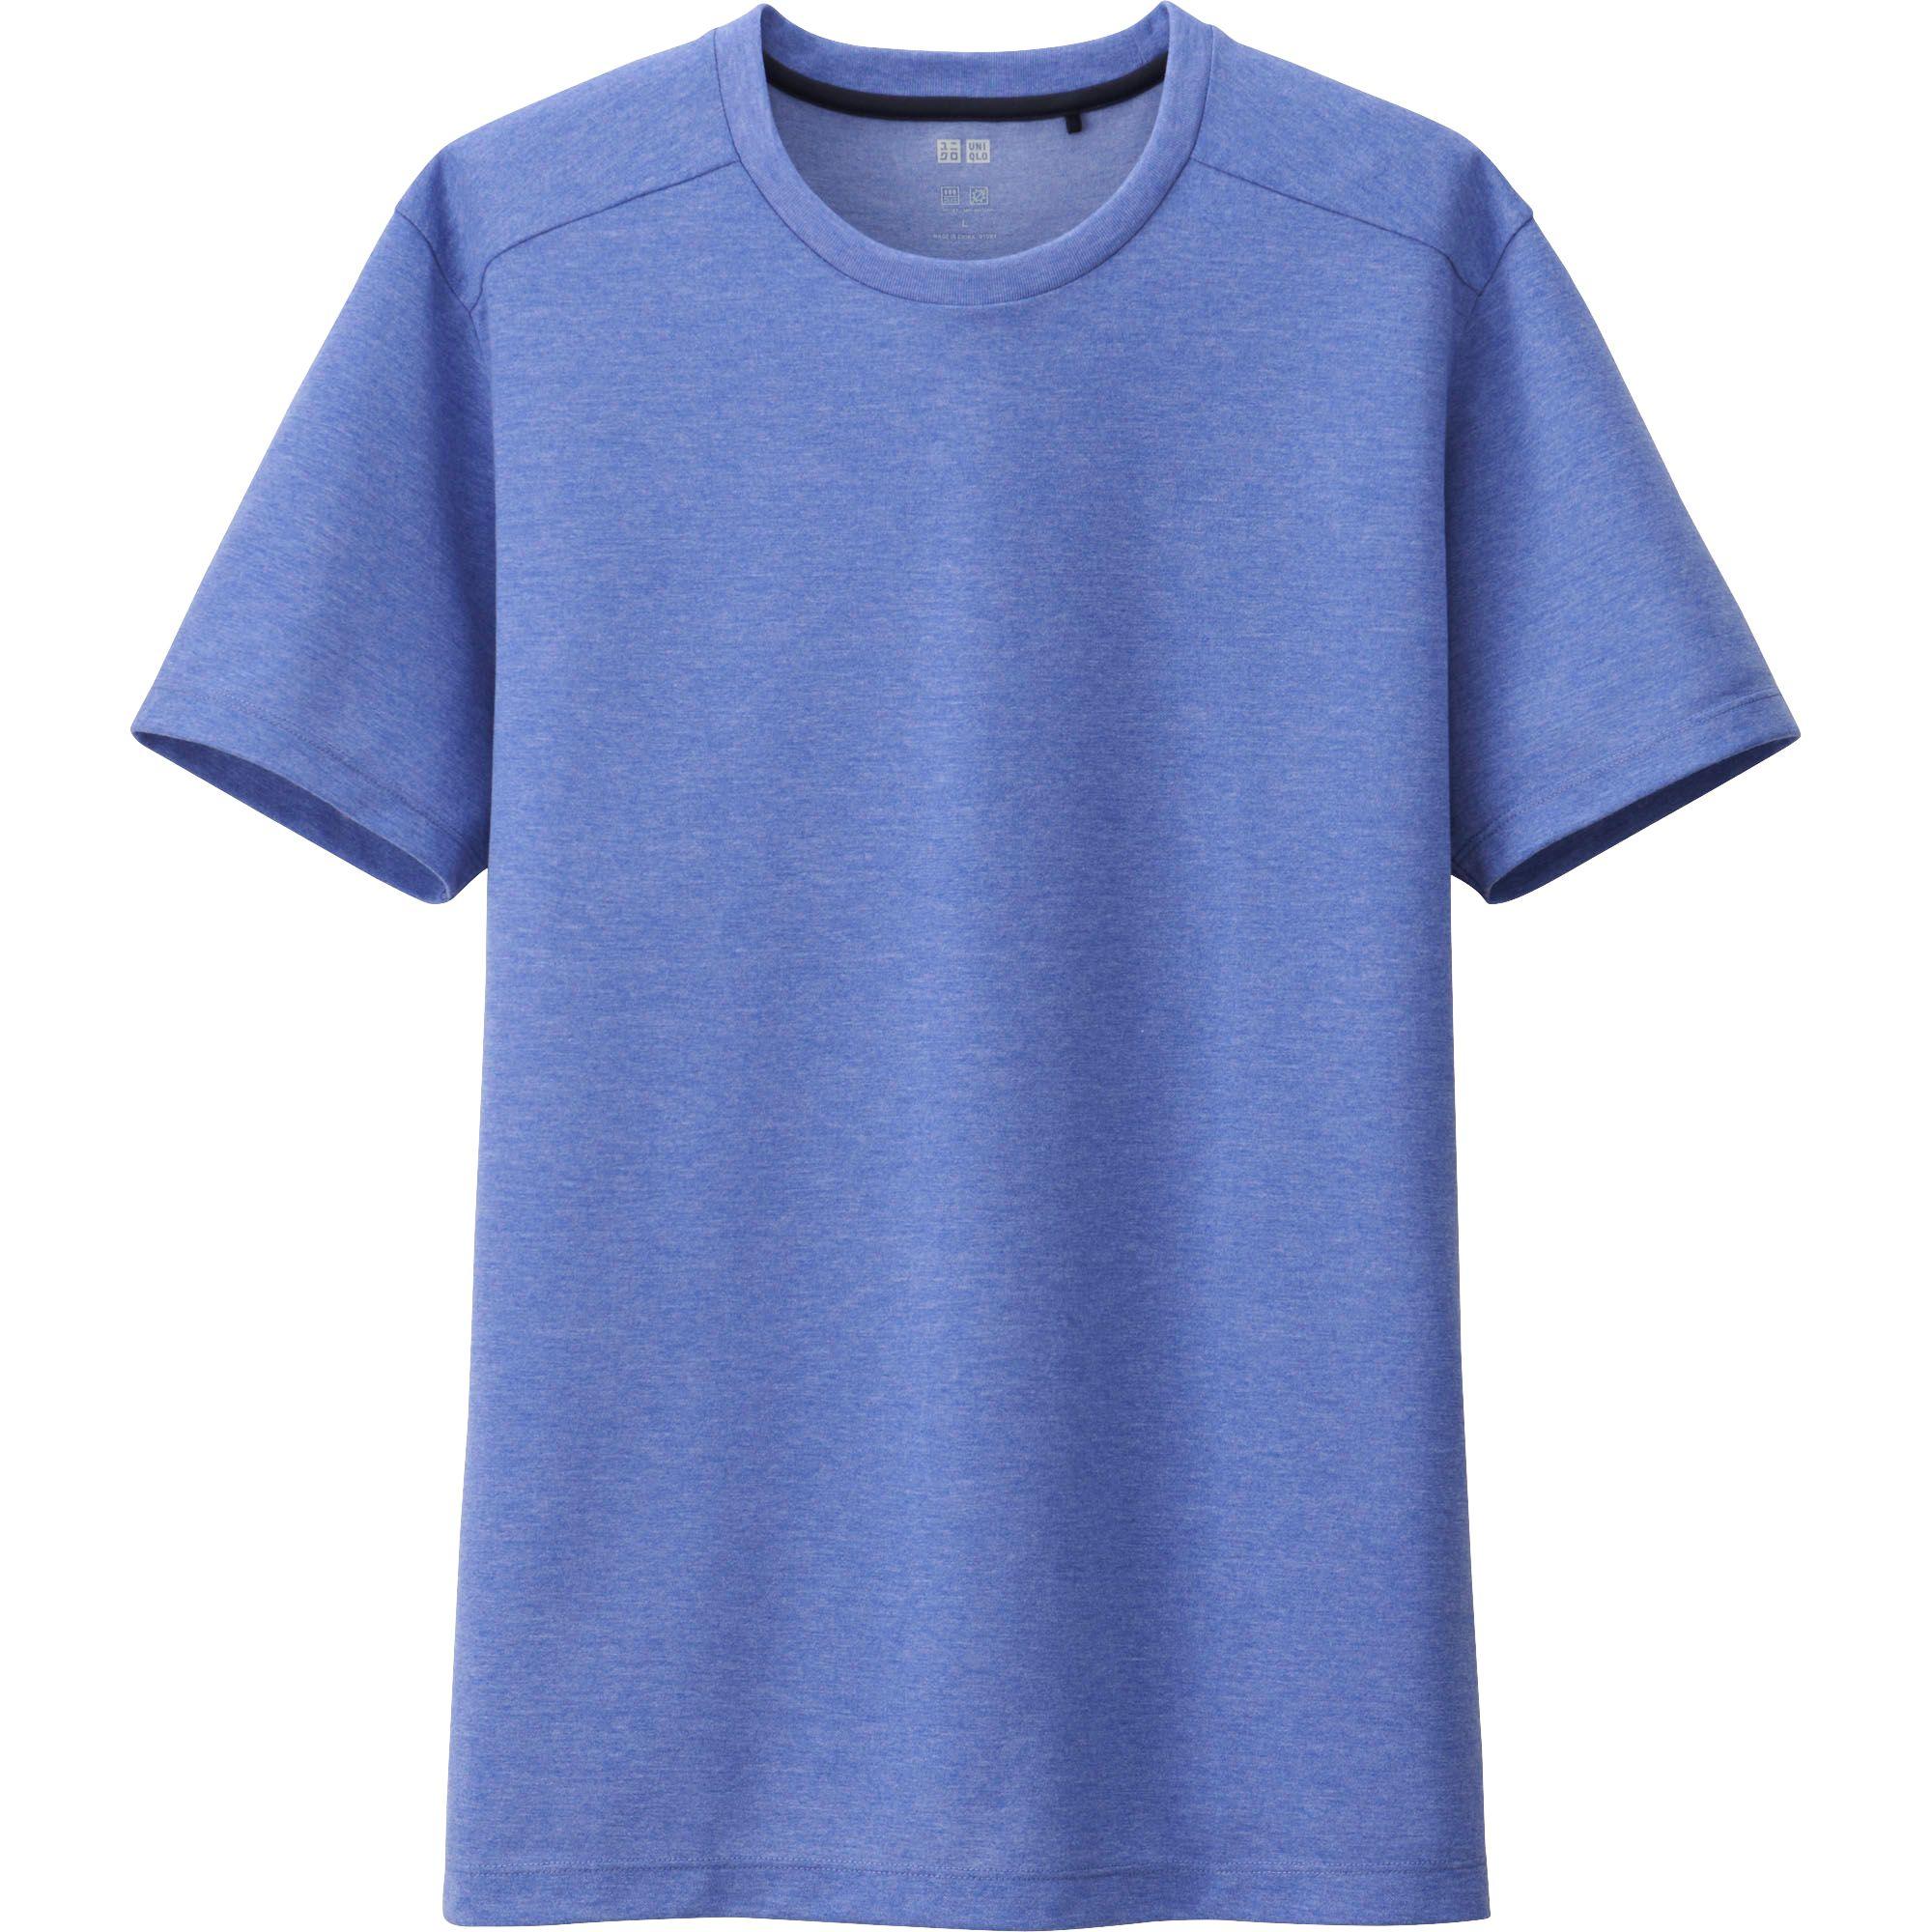 Uniqlo blue men dry ex crew neck short sleeve t shirt for Uniqlo t shirt sizing